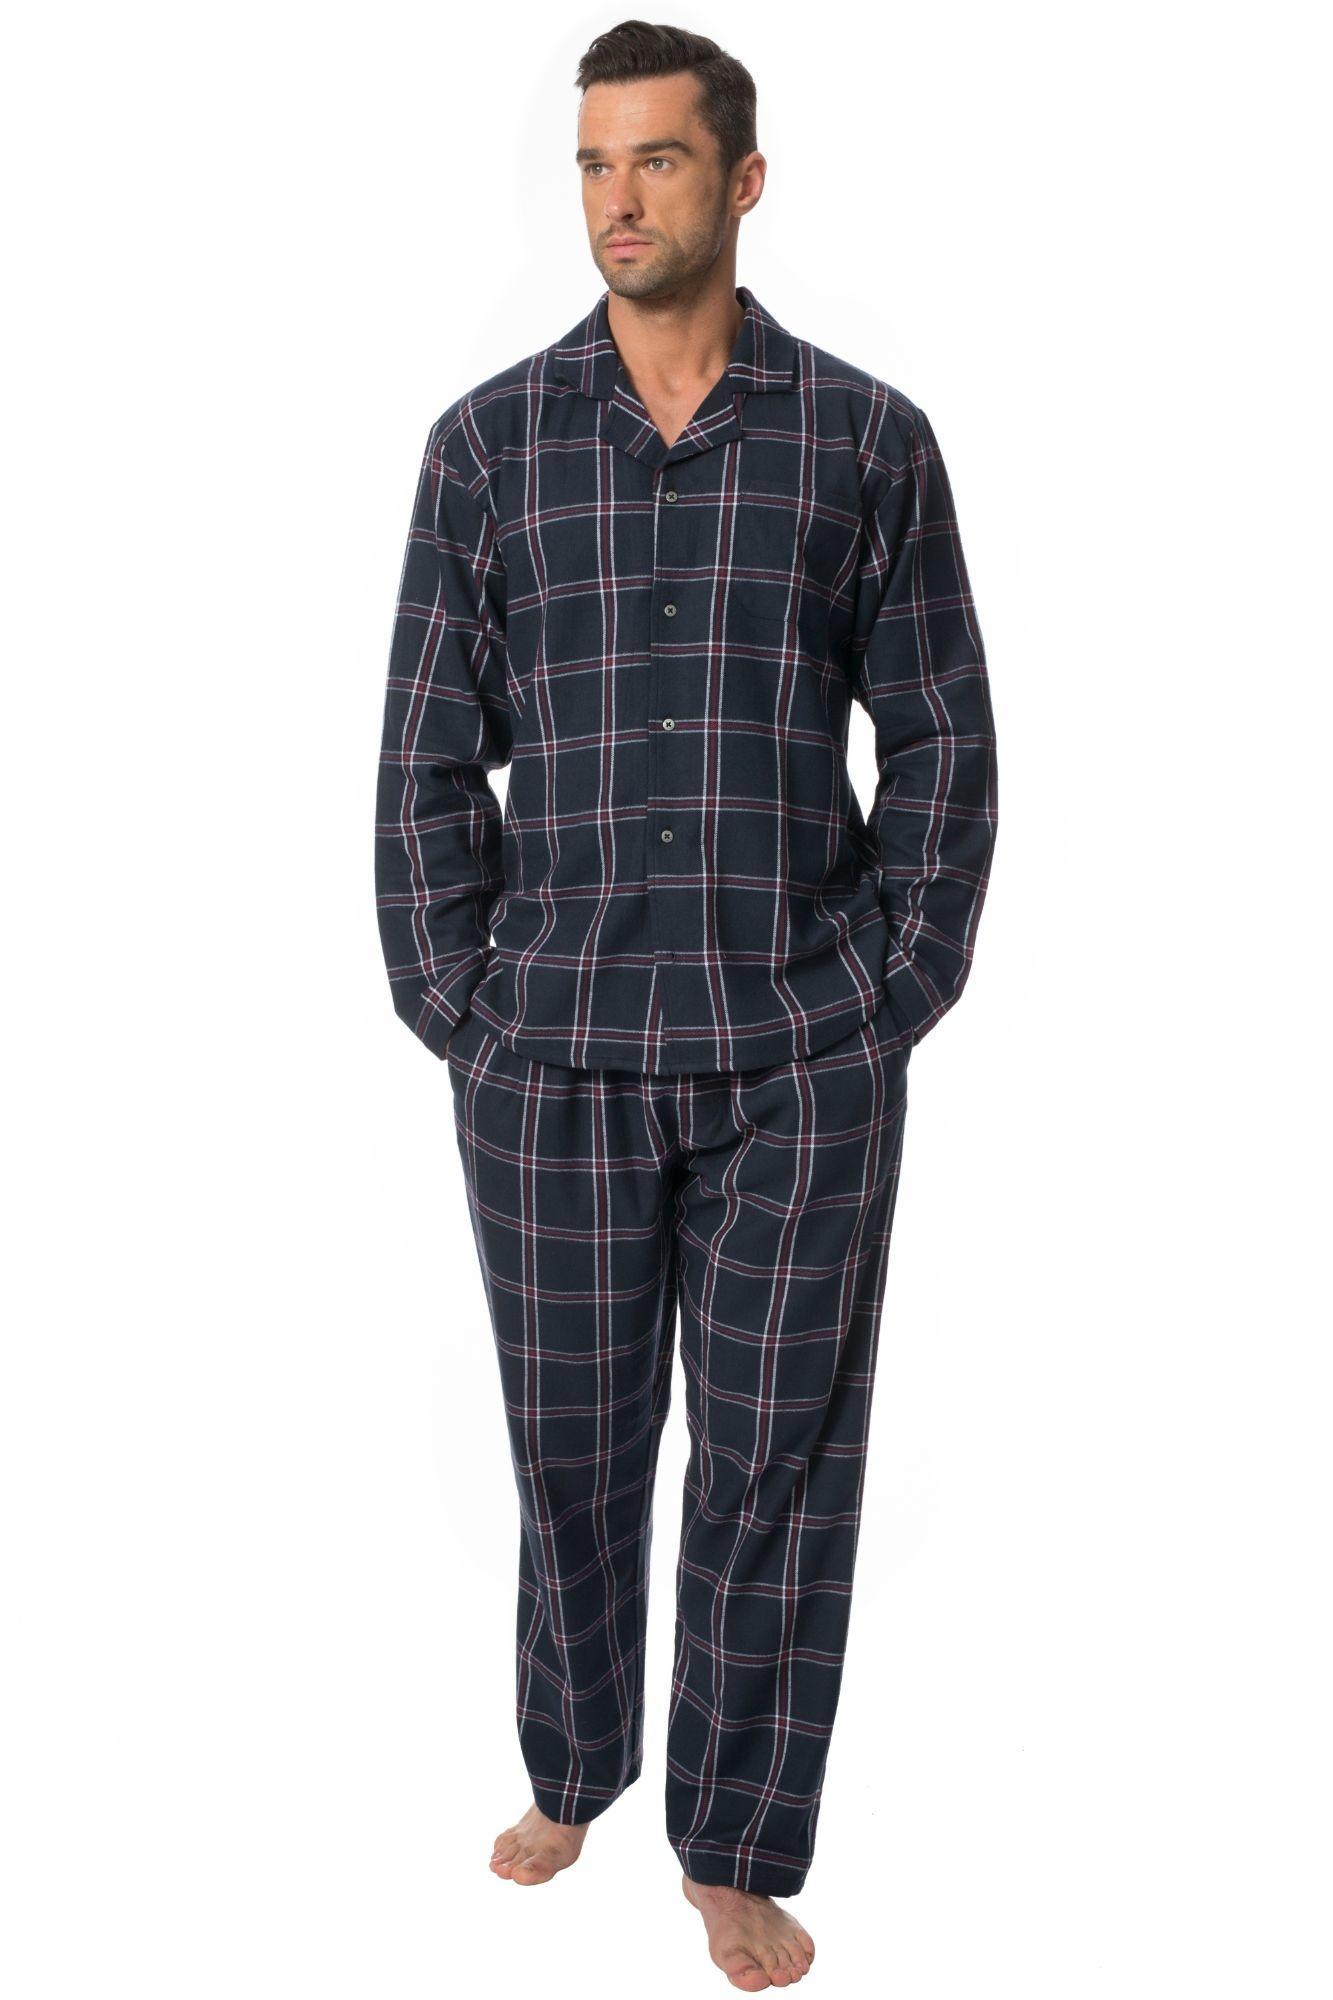 bc2b9af02014 Pánské flanelové pyžamo Barney černé káro - ELEGANT.cz